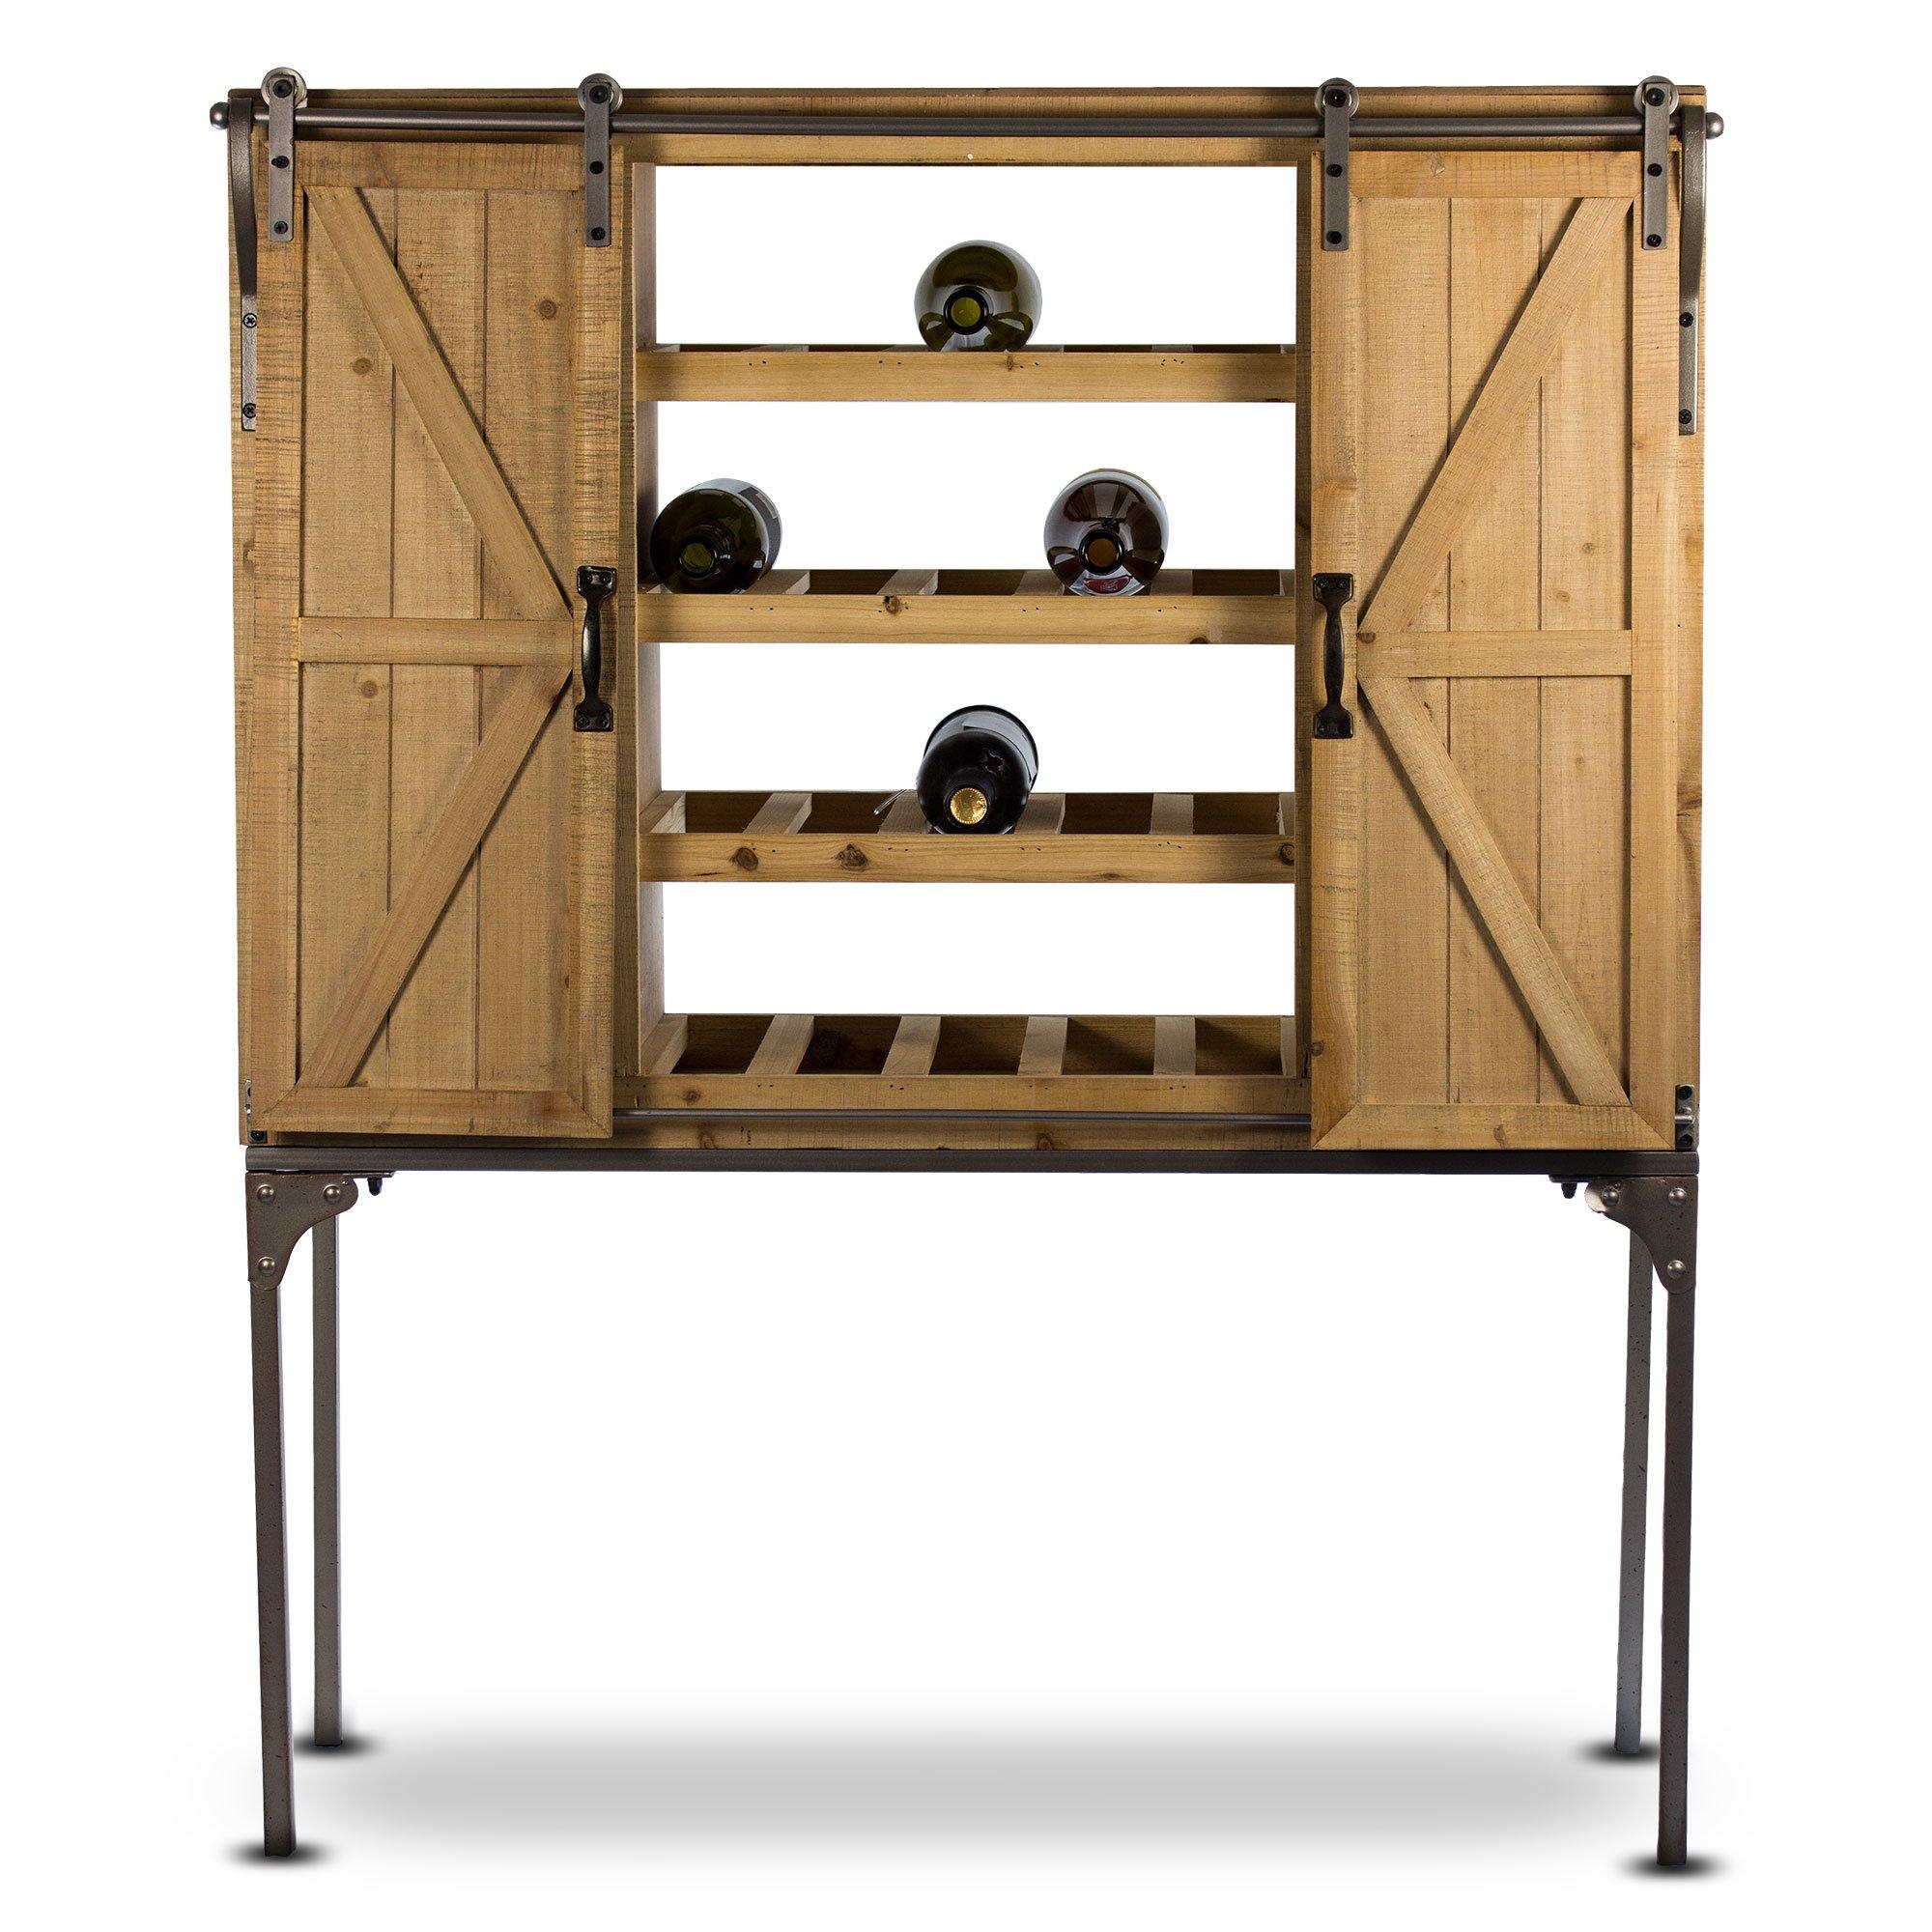 American Art Décor Rustic Wooden Wine Rack Glassware Storage Cabinet with Sliding Barn Door